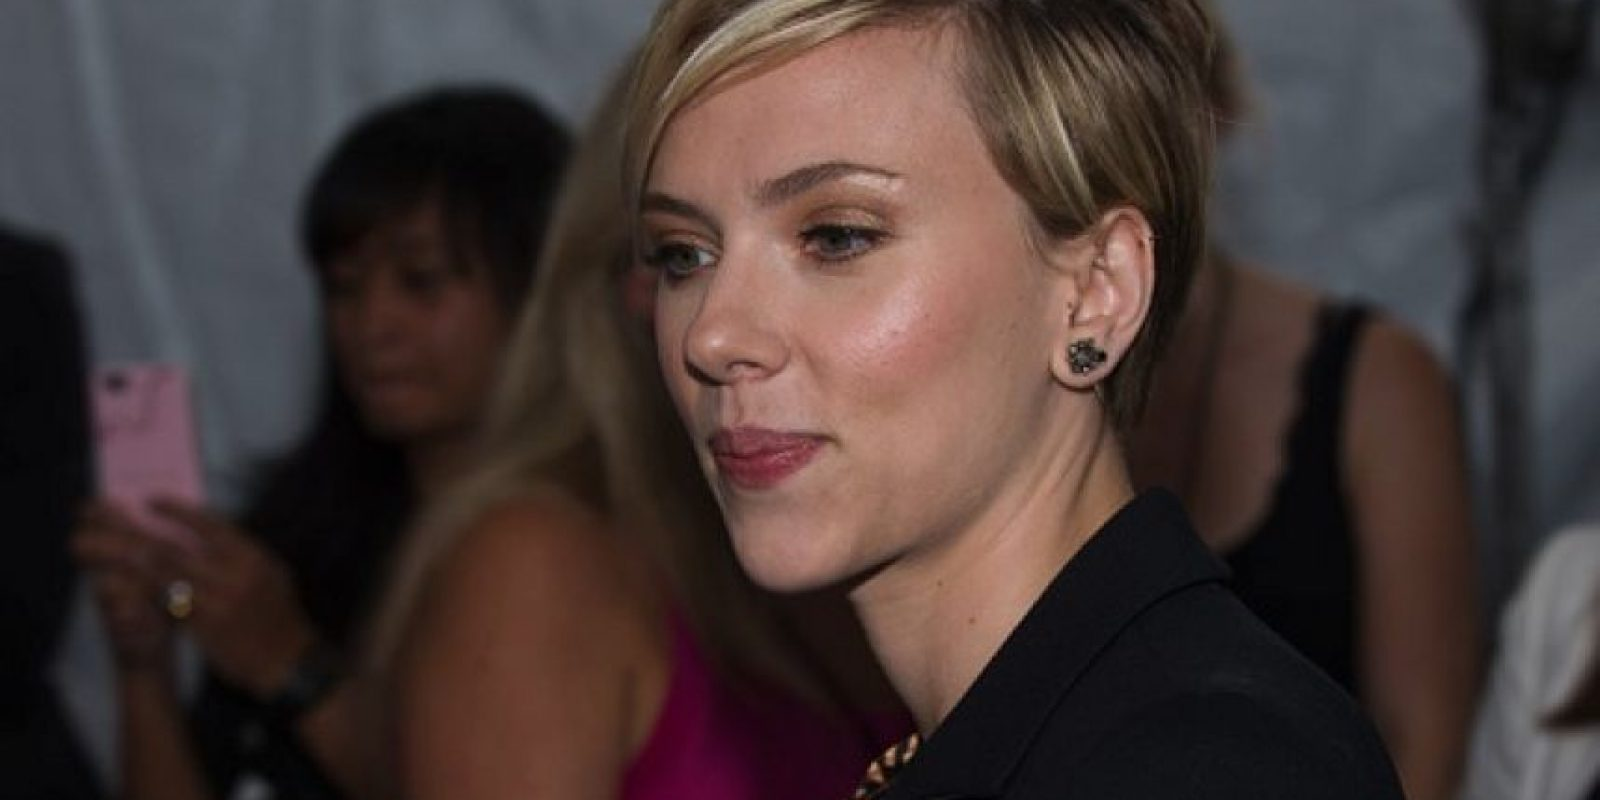 De nuevo filtran fotos íntimas de la actriz Foto:Getty Images